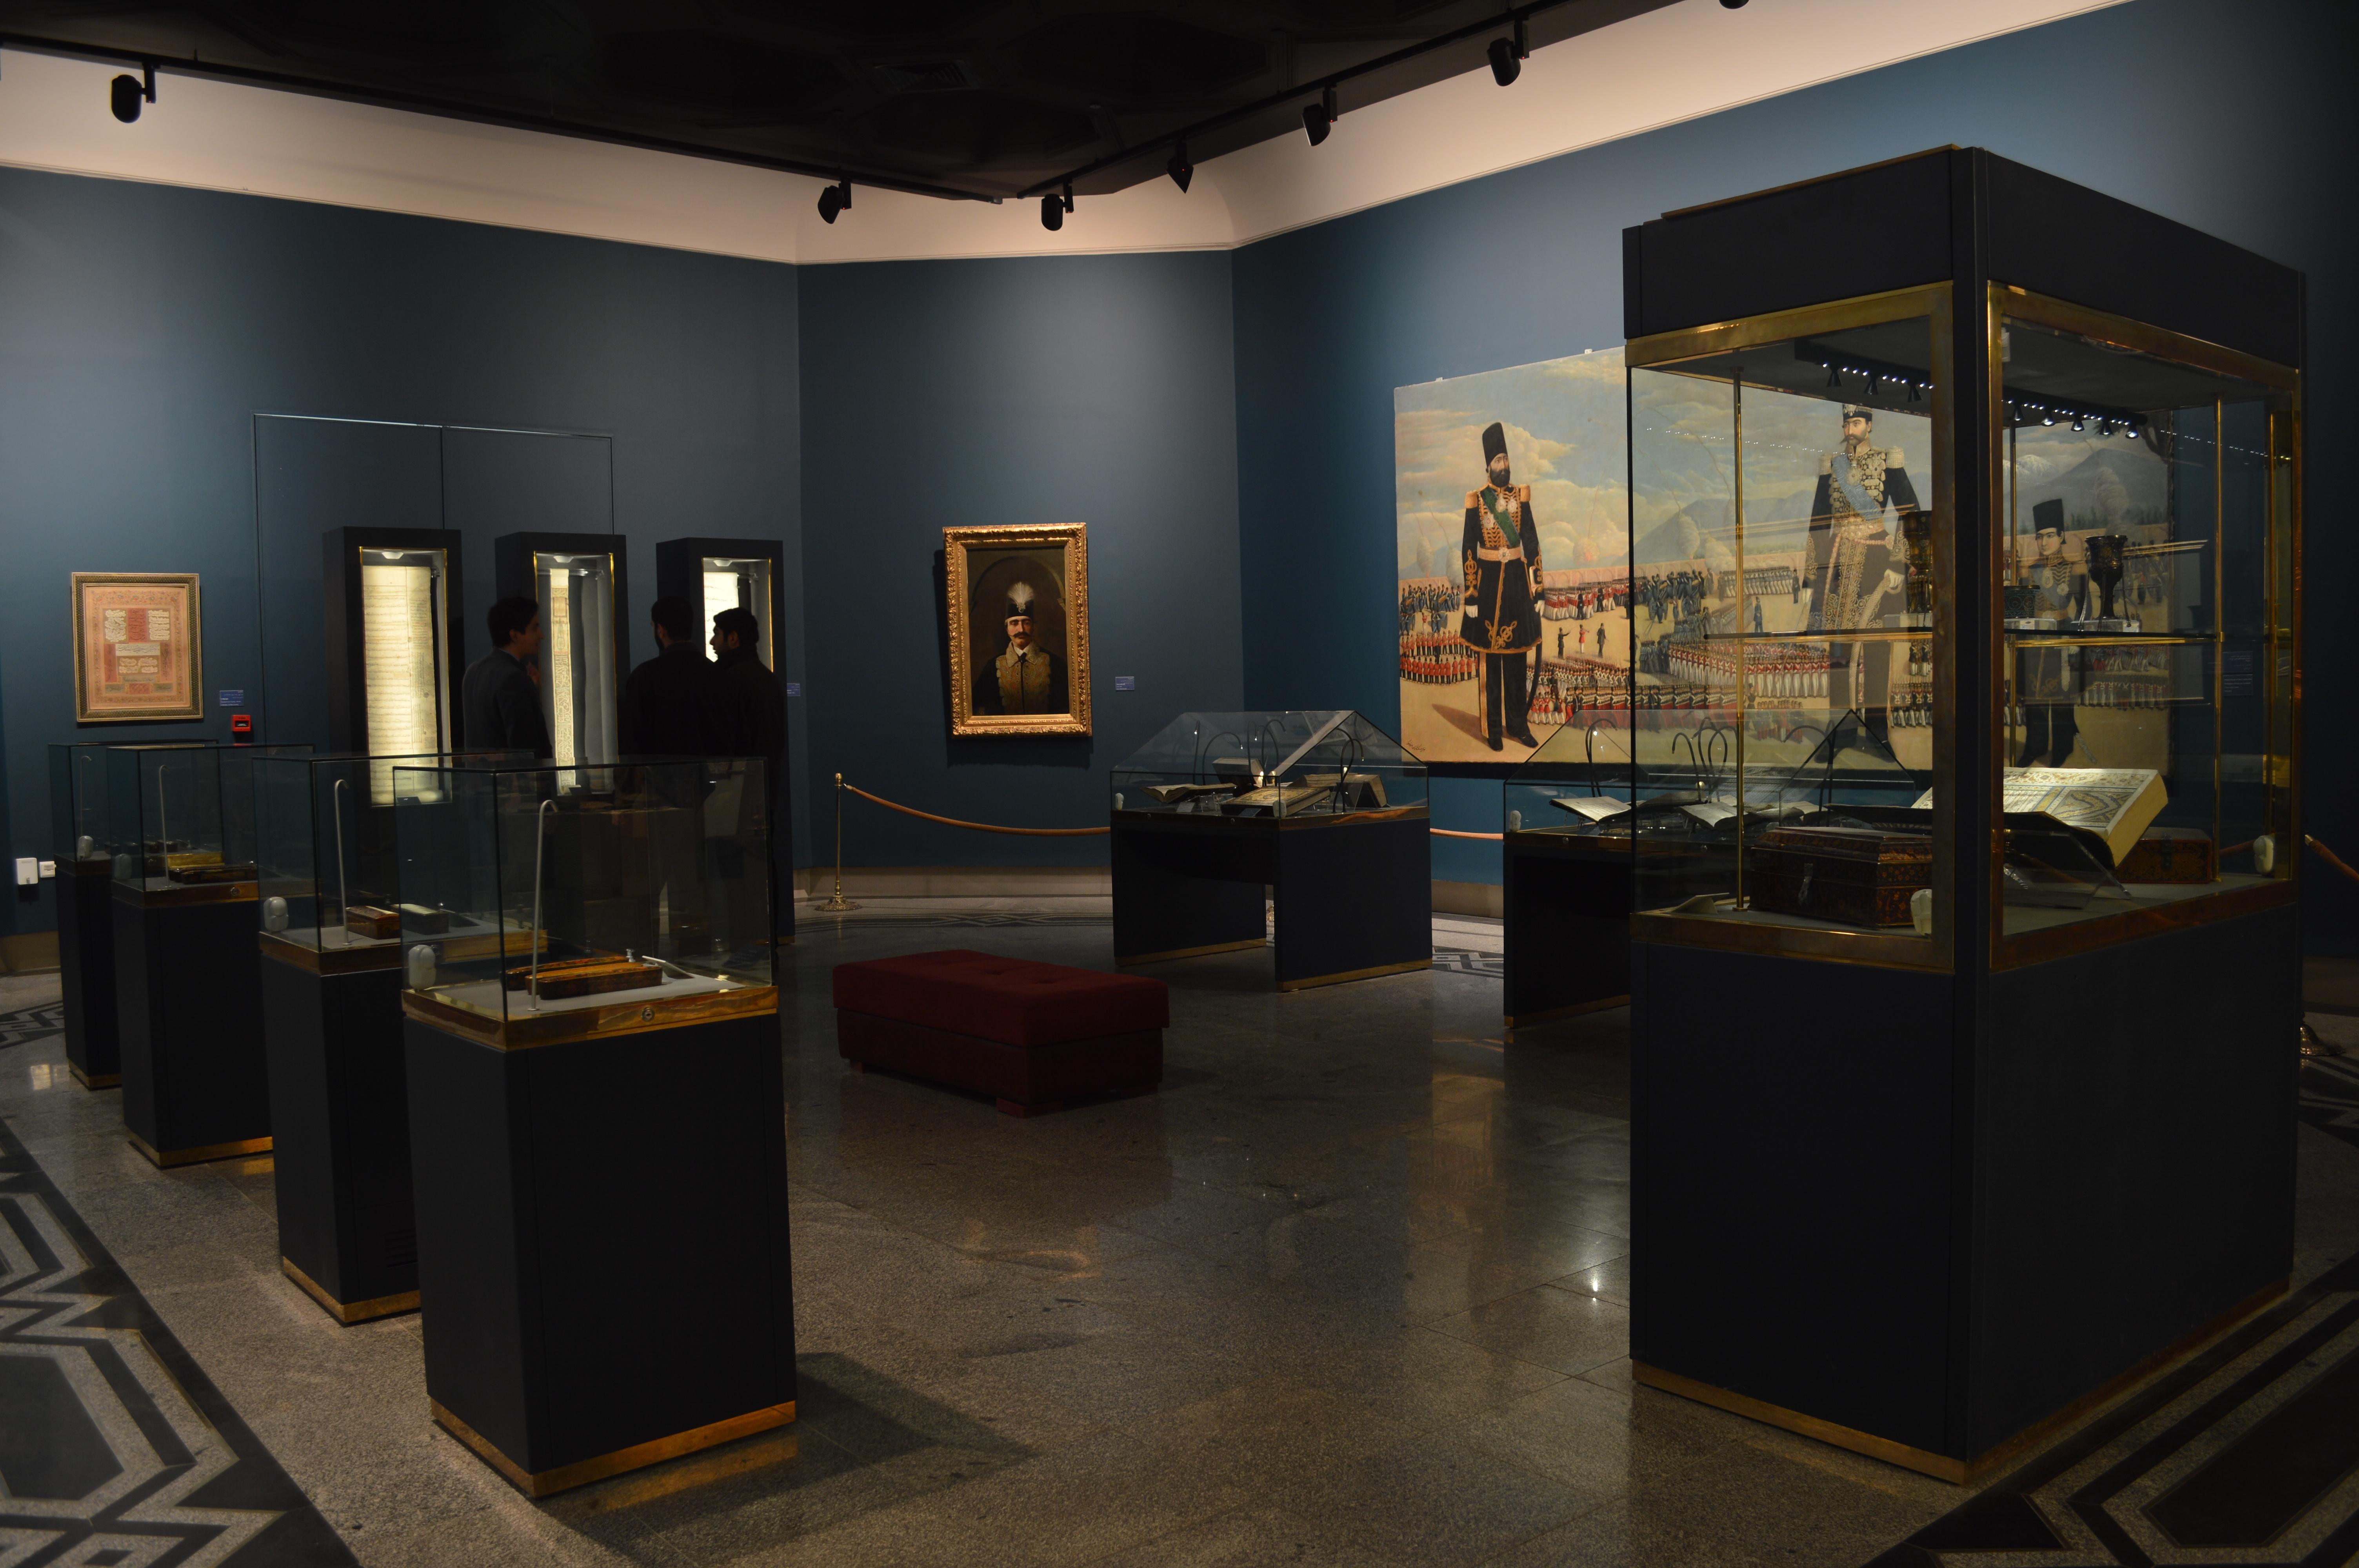 نمایشگاه دائمی آثار اهدایی بانو عزت ملک ملک